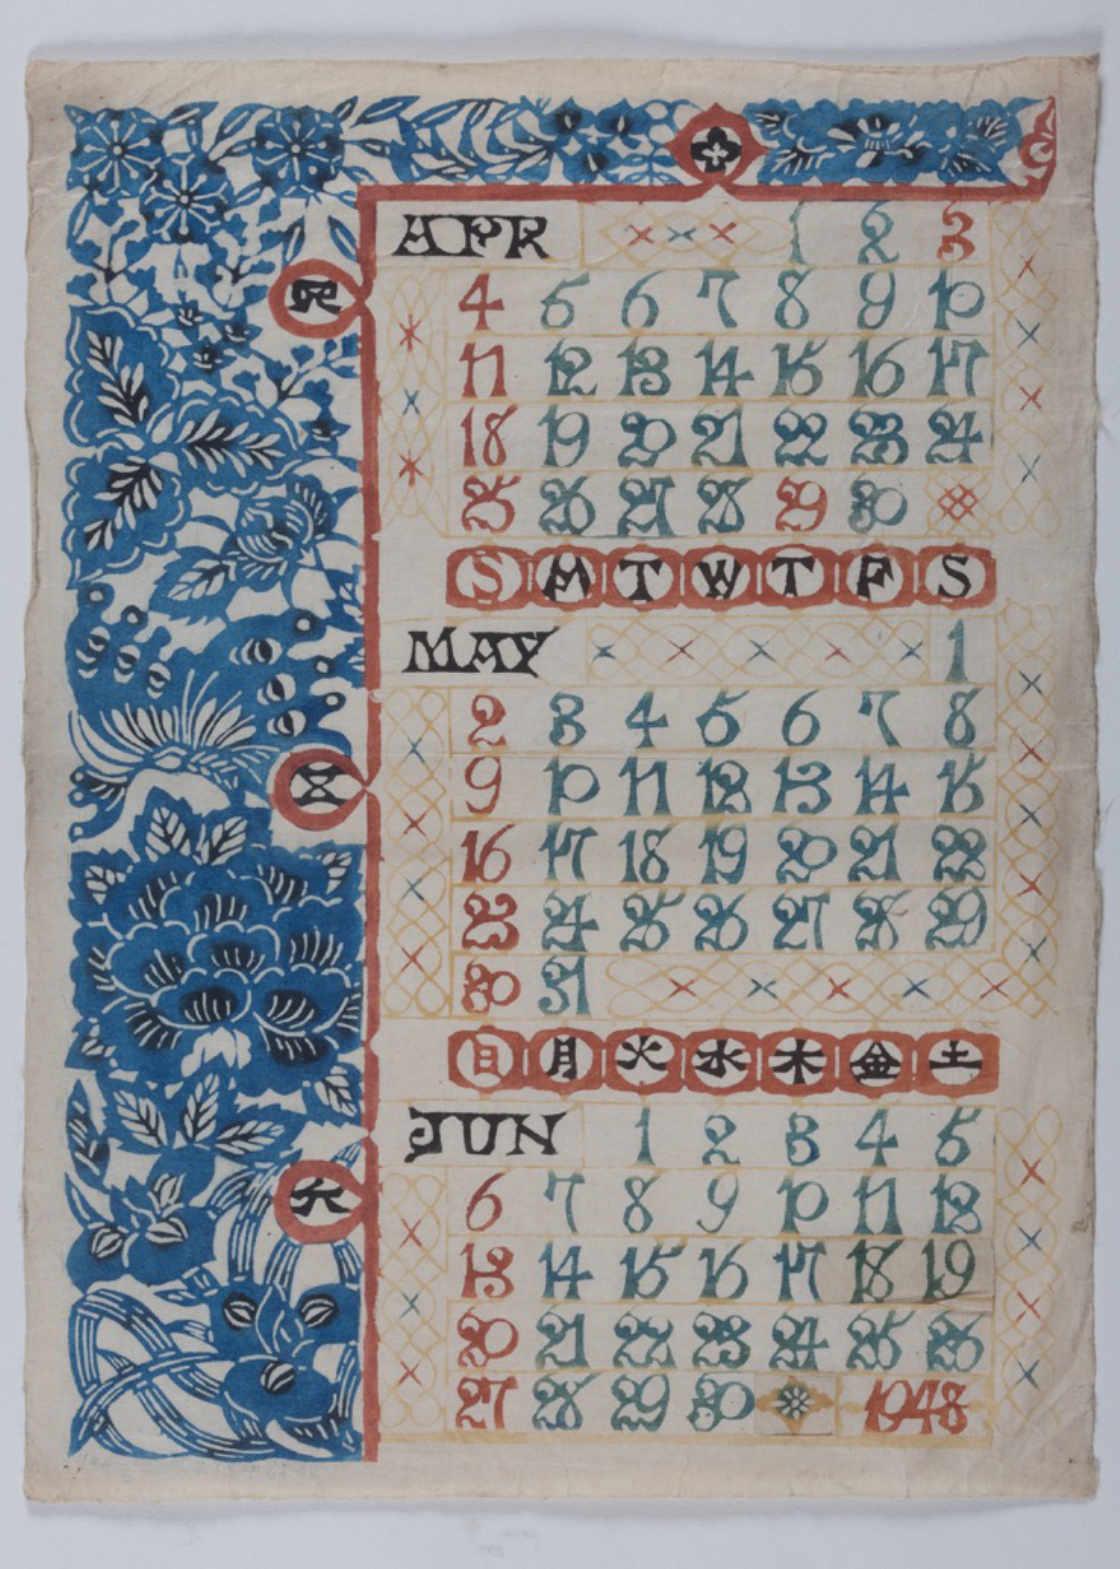 芹沢銈介《1948年のカレンダー(4月、5月、6月)》1947年 東京国⽴近代美術館蔵